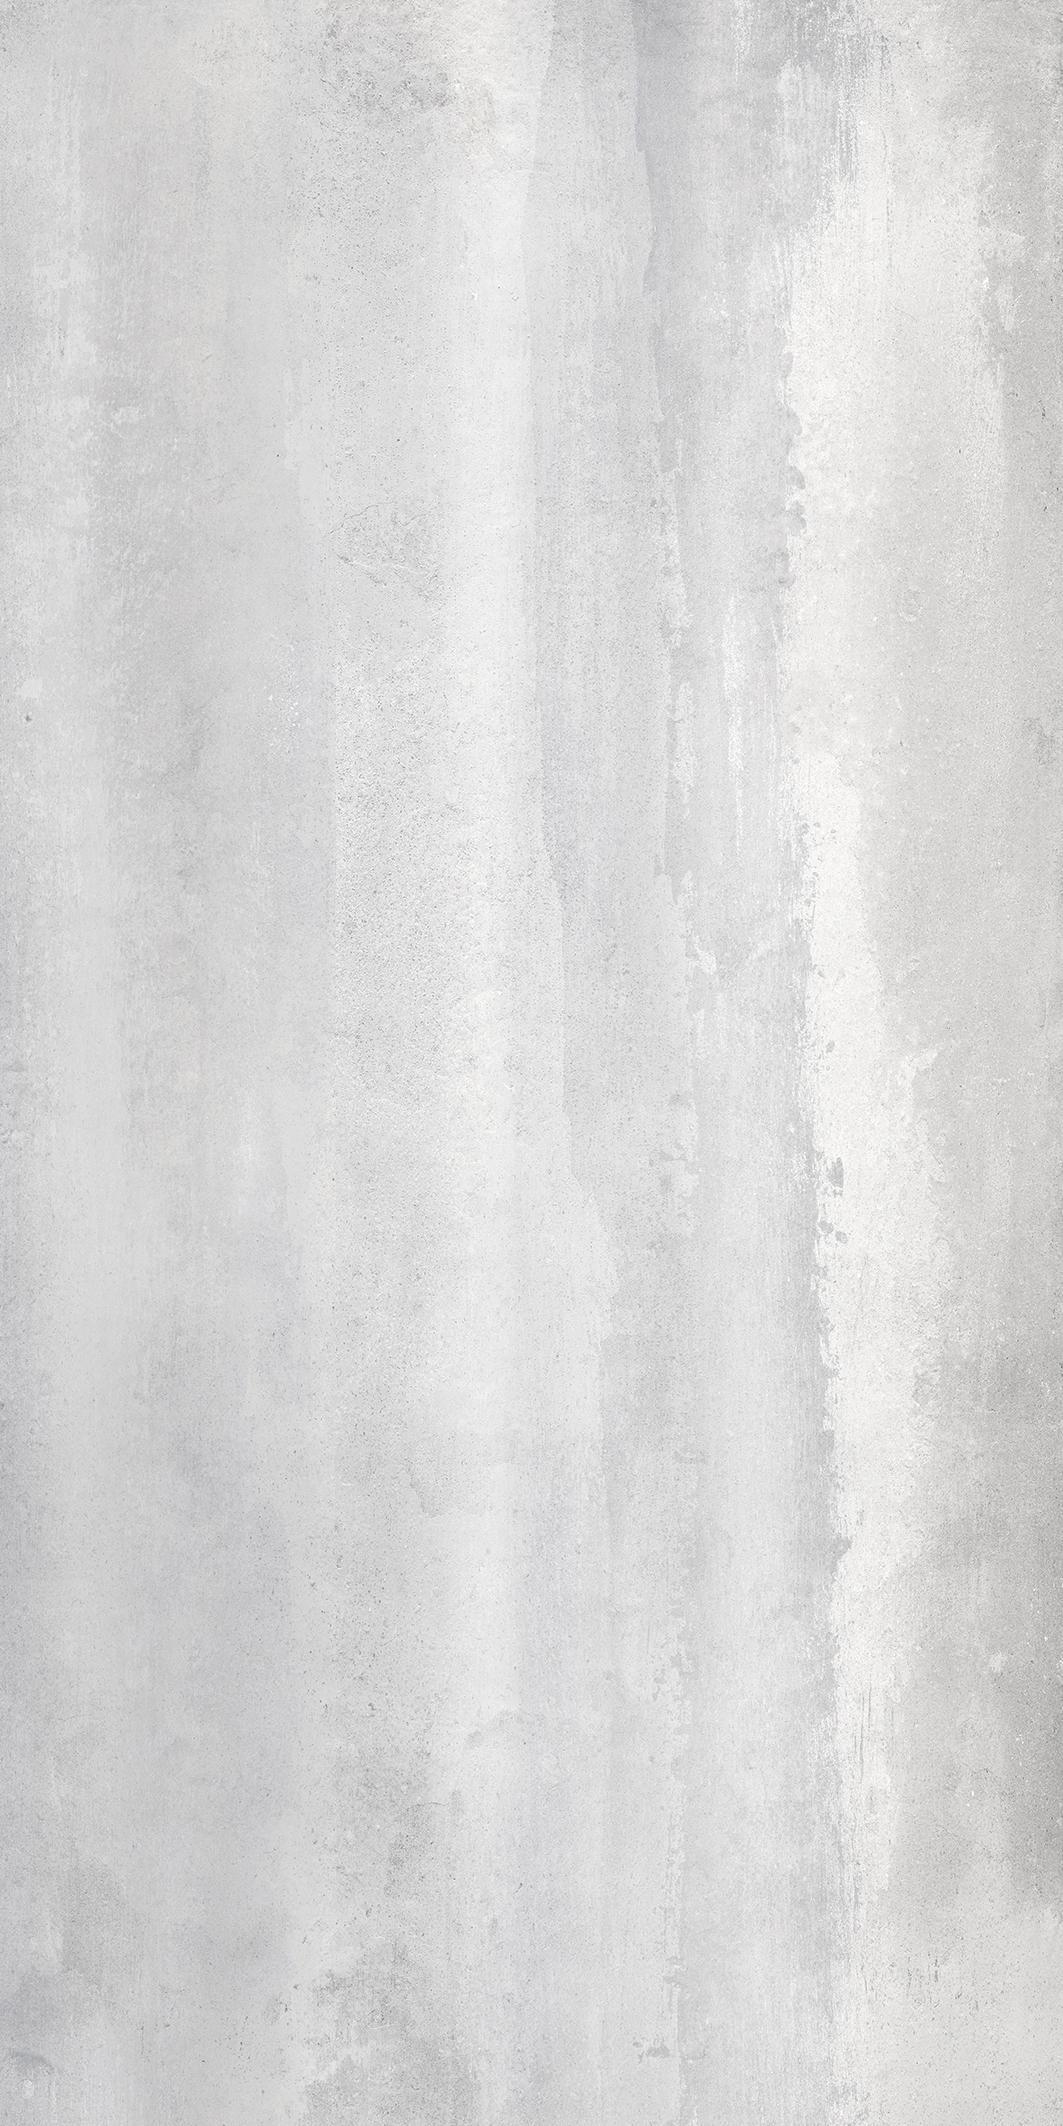 OVERLAY DOLPHIN - Keramik Fliesen von Refin | Architonic